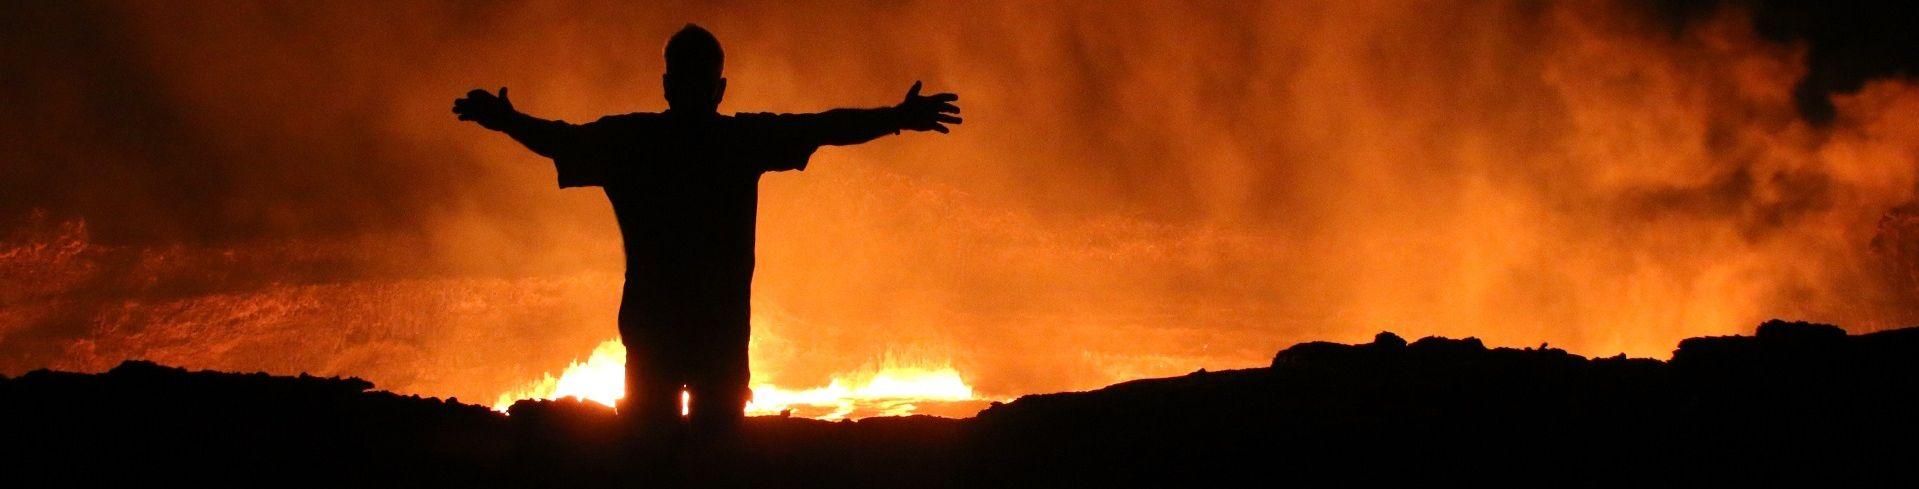 טיול לאתיופיה - אל מדבר דנקיל